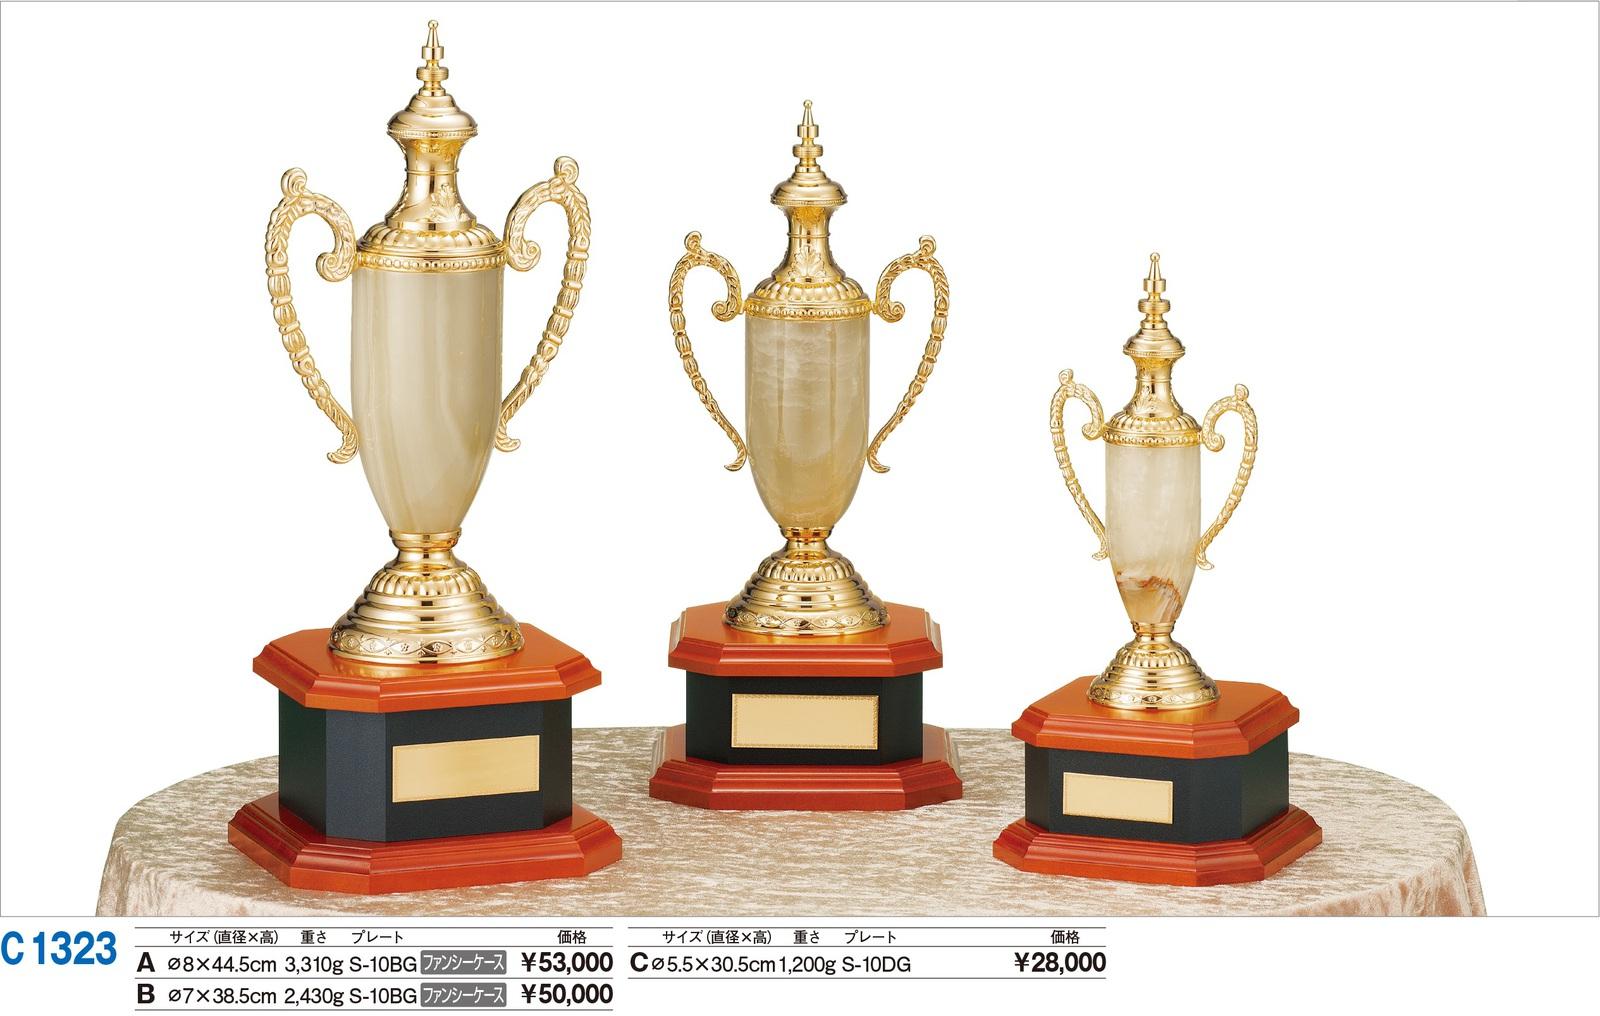 トロフィー工房のトロフィーは リボン無料 高品質レーザー印字無料 10000円以上お買い上げで送料無料 オニックスカップ C1323A S-10BG アウトレット☆送料無料 直営店